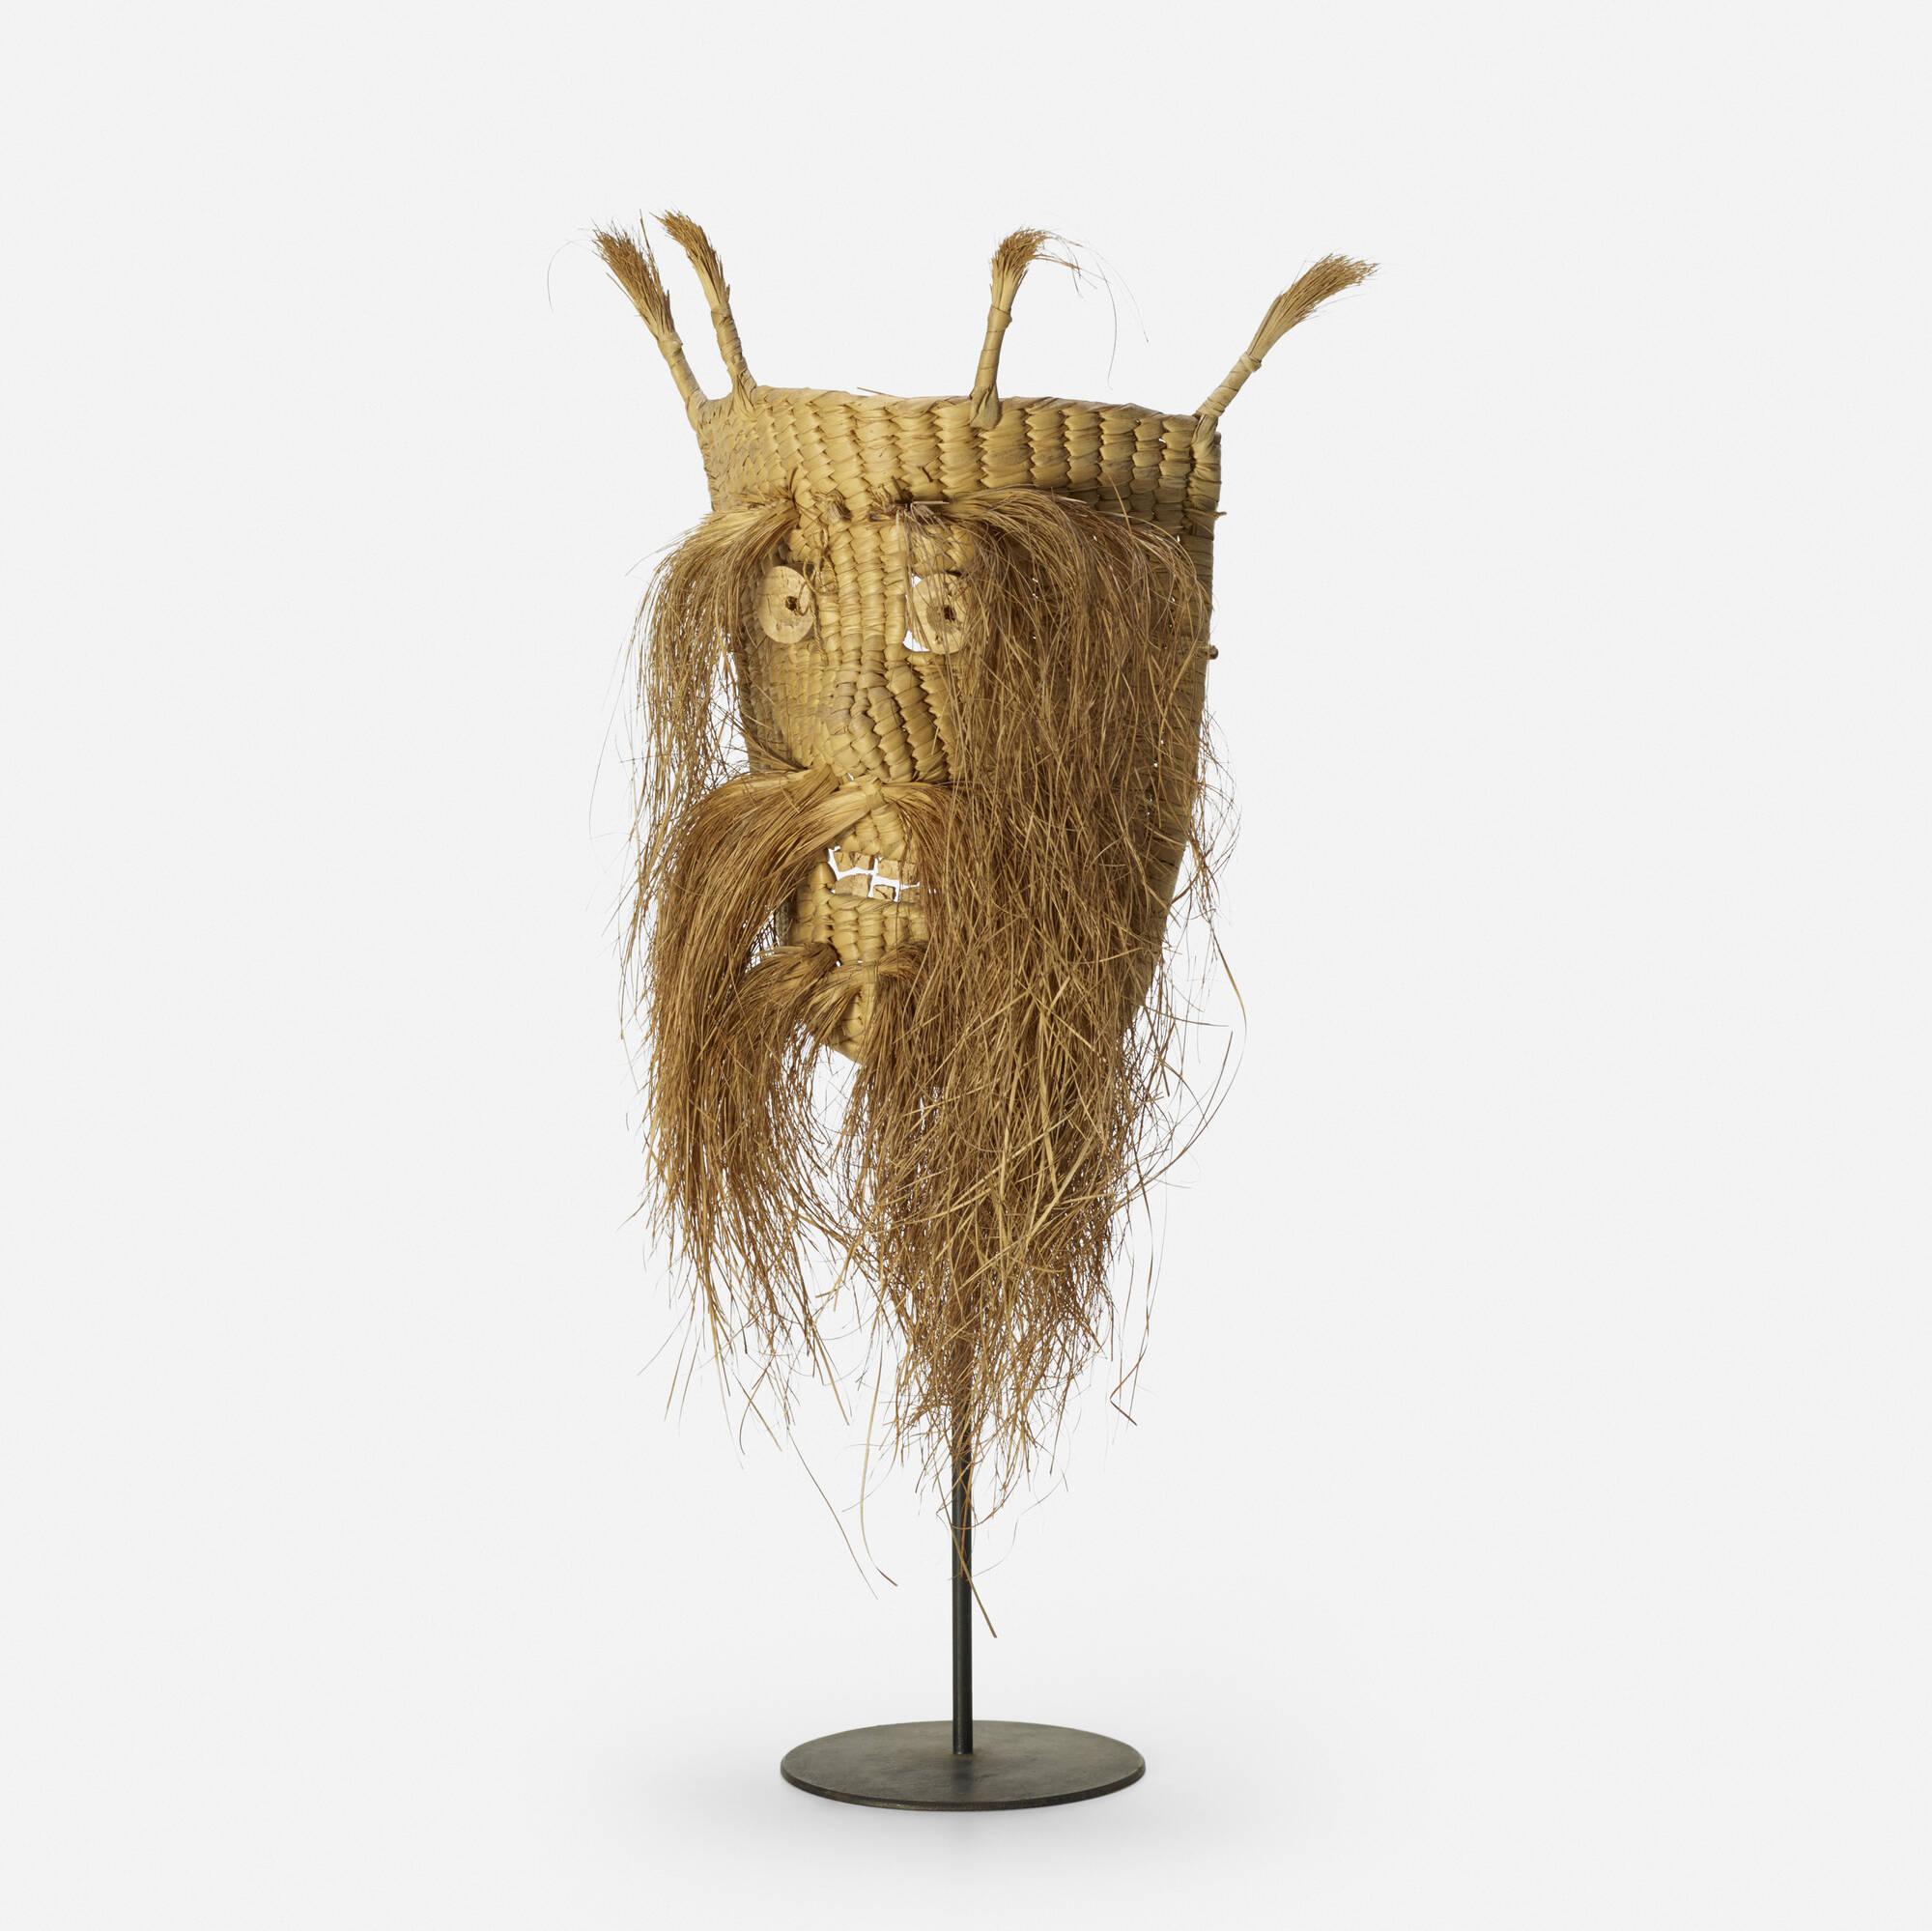 154: Irving Harper / Untitled (Mask) (1 of 2)